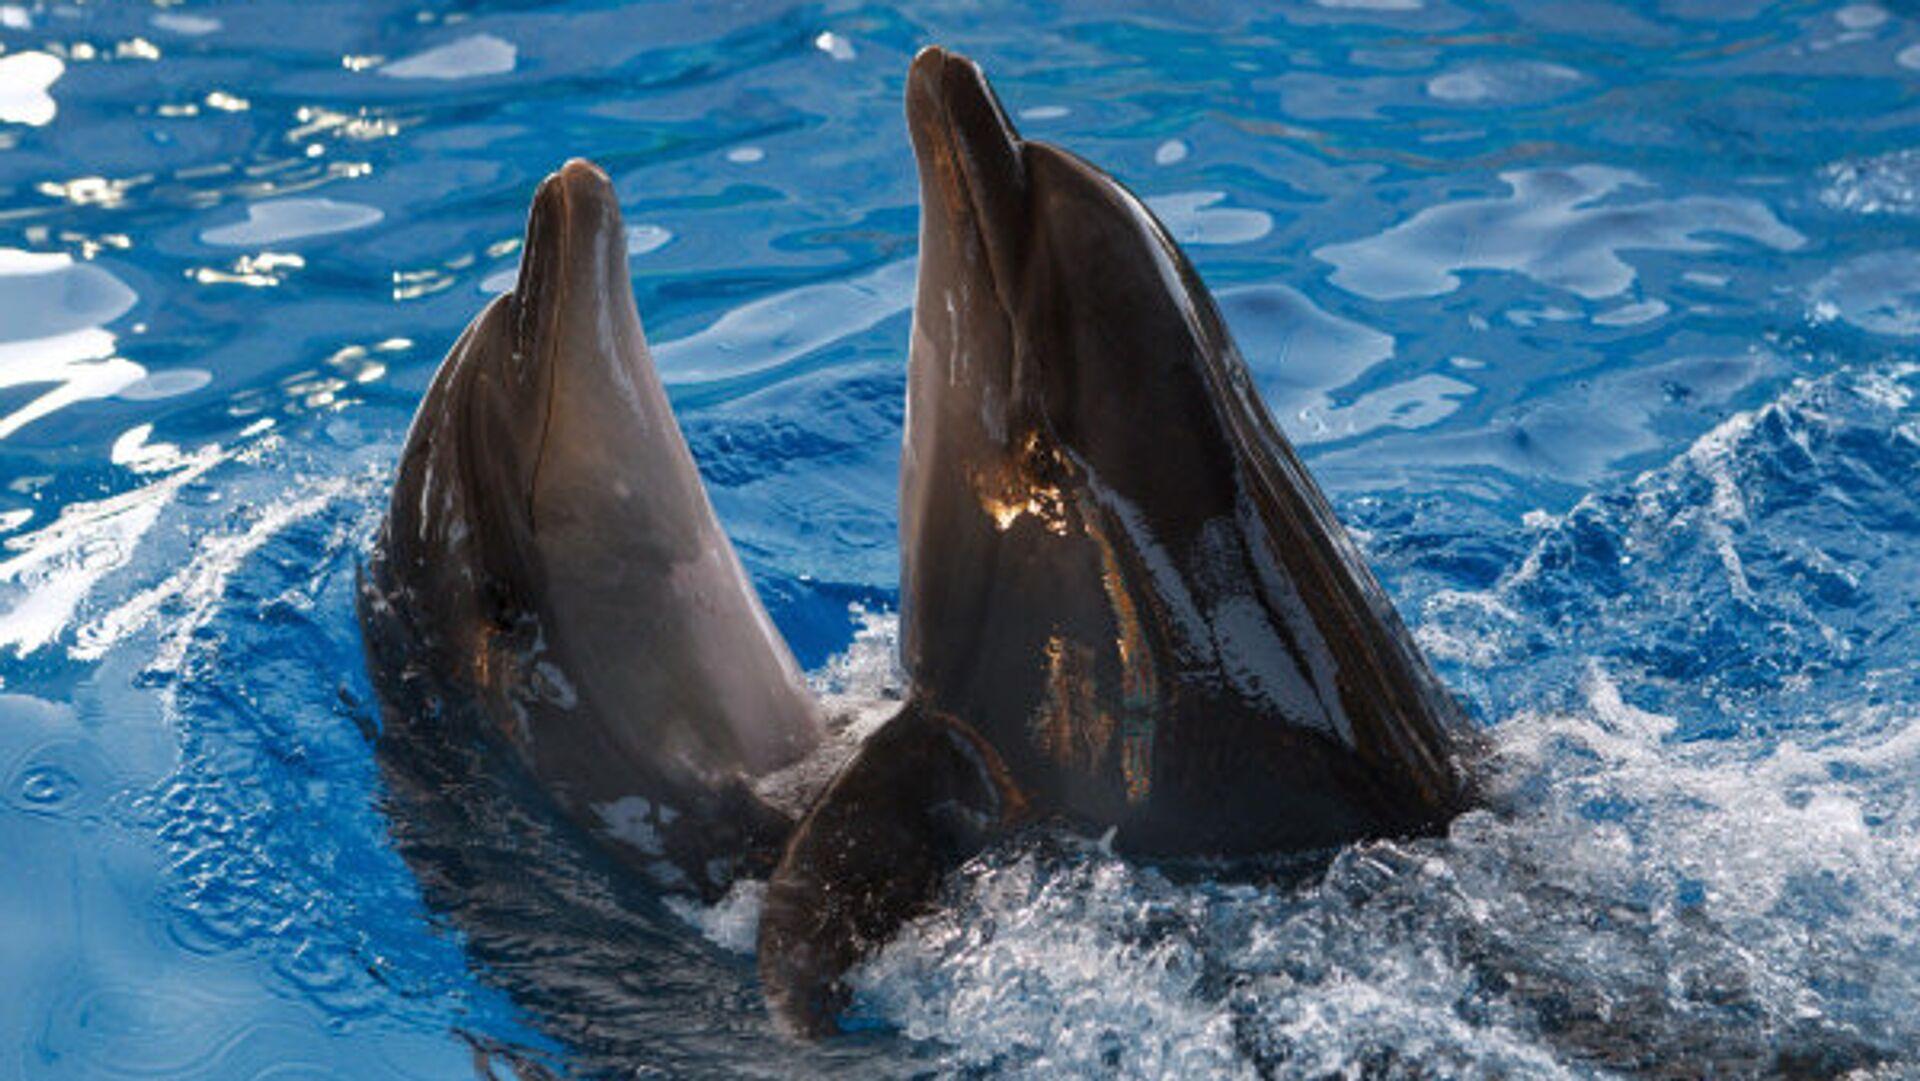 951619798 0:31:600:369 1920x0 80 0 0 c63a22c0331d78e0a21e15b6810b72ff - Во Франции хотят запретить держать диких животных в цирках и дельфинариях